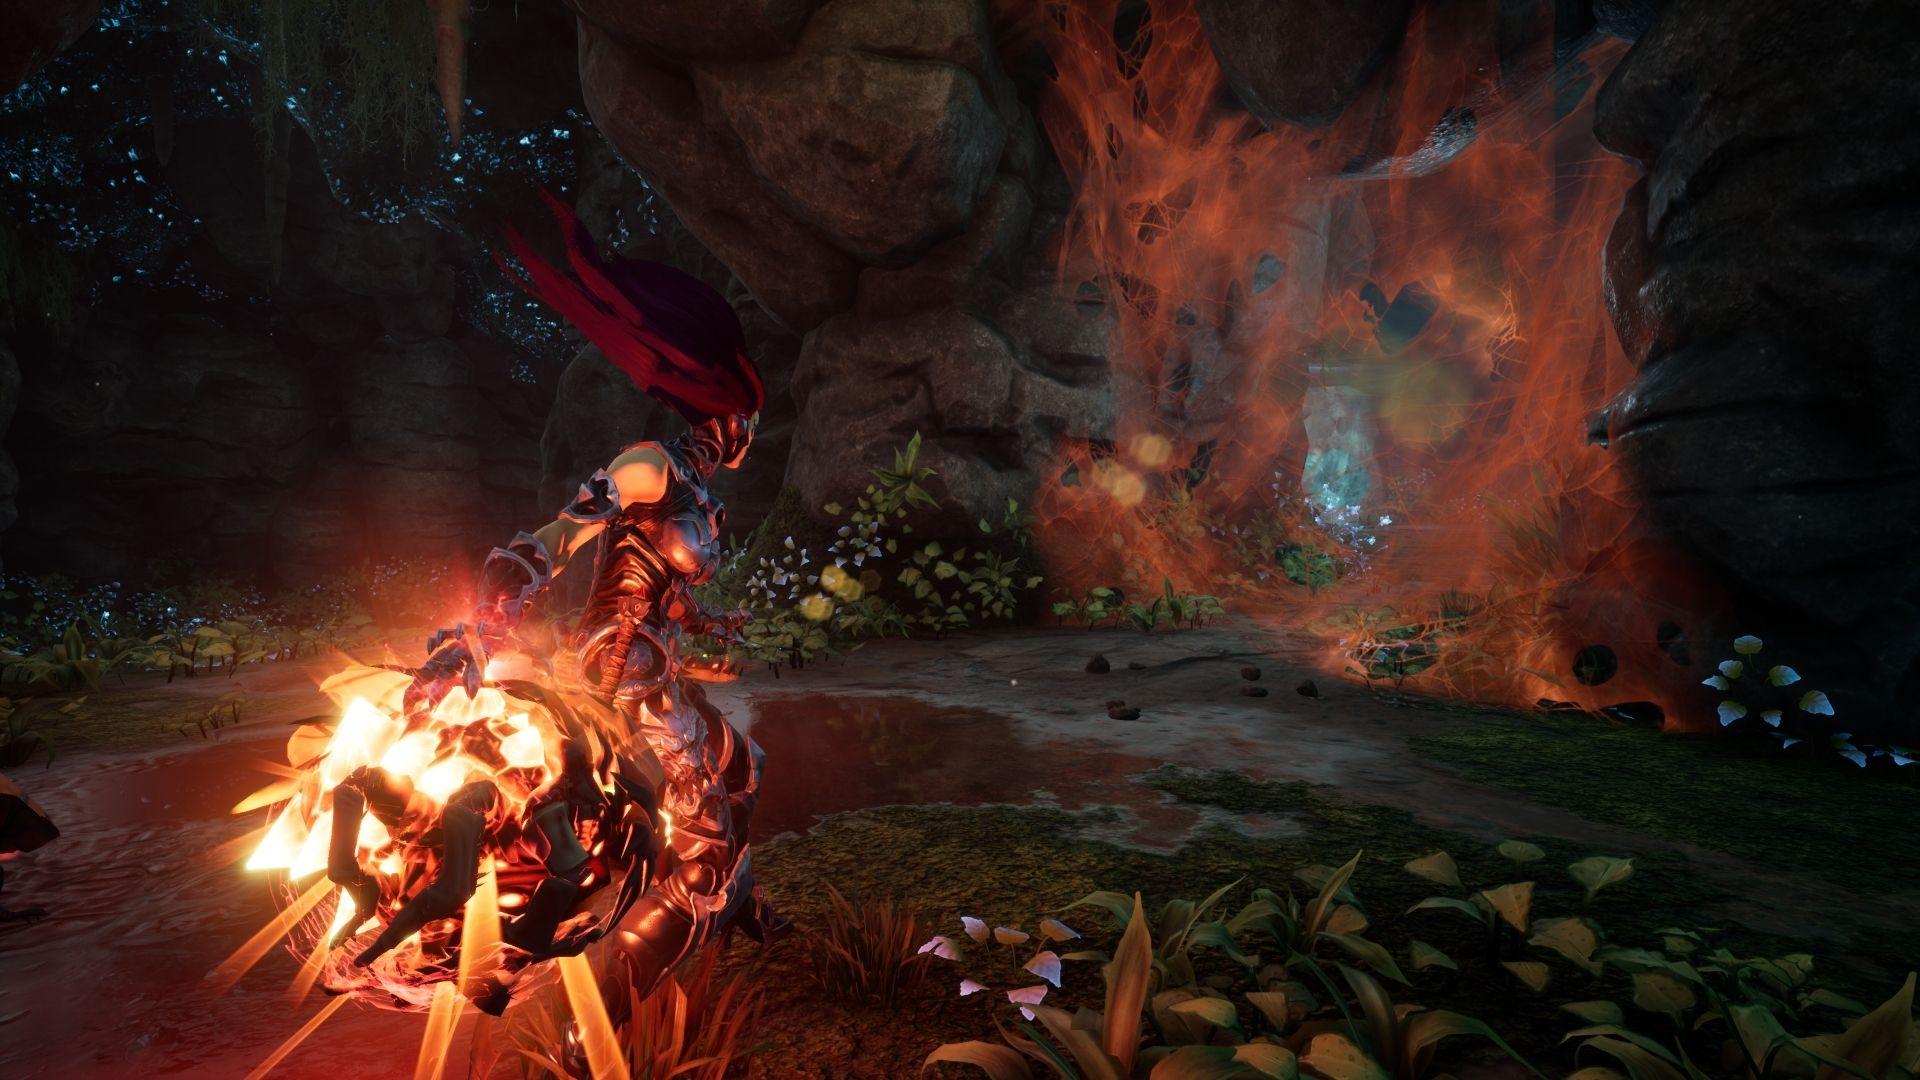 Darksiders III (PS4) - 12